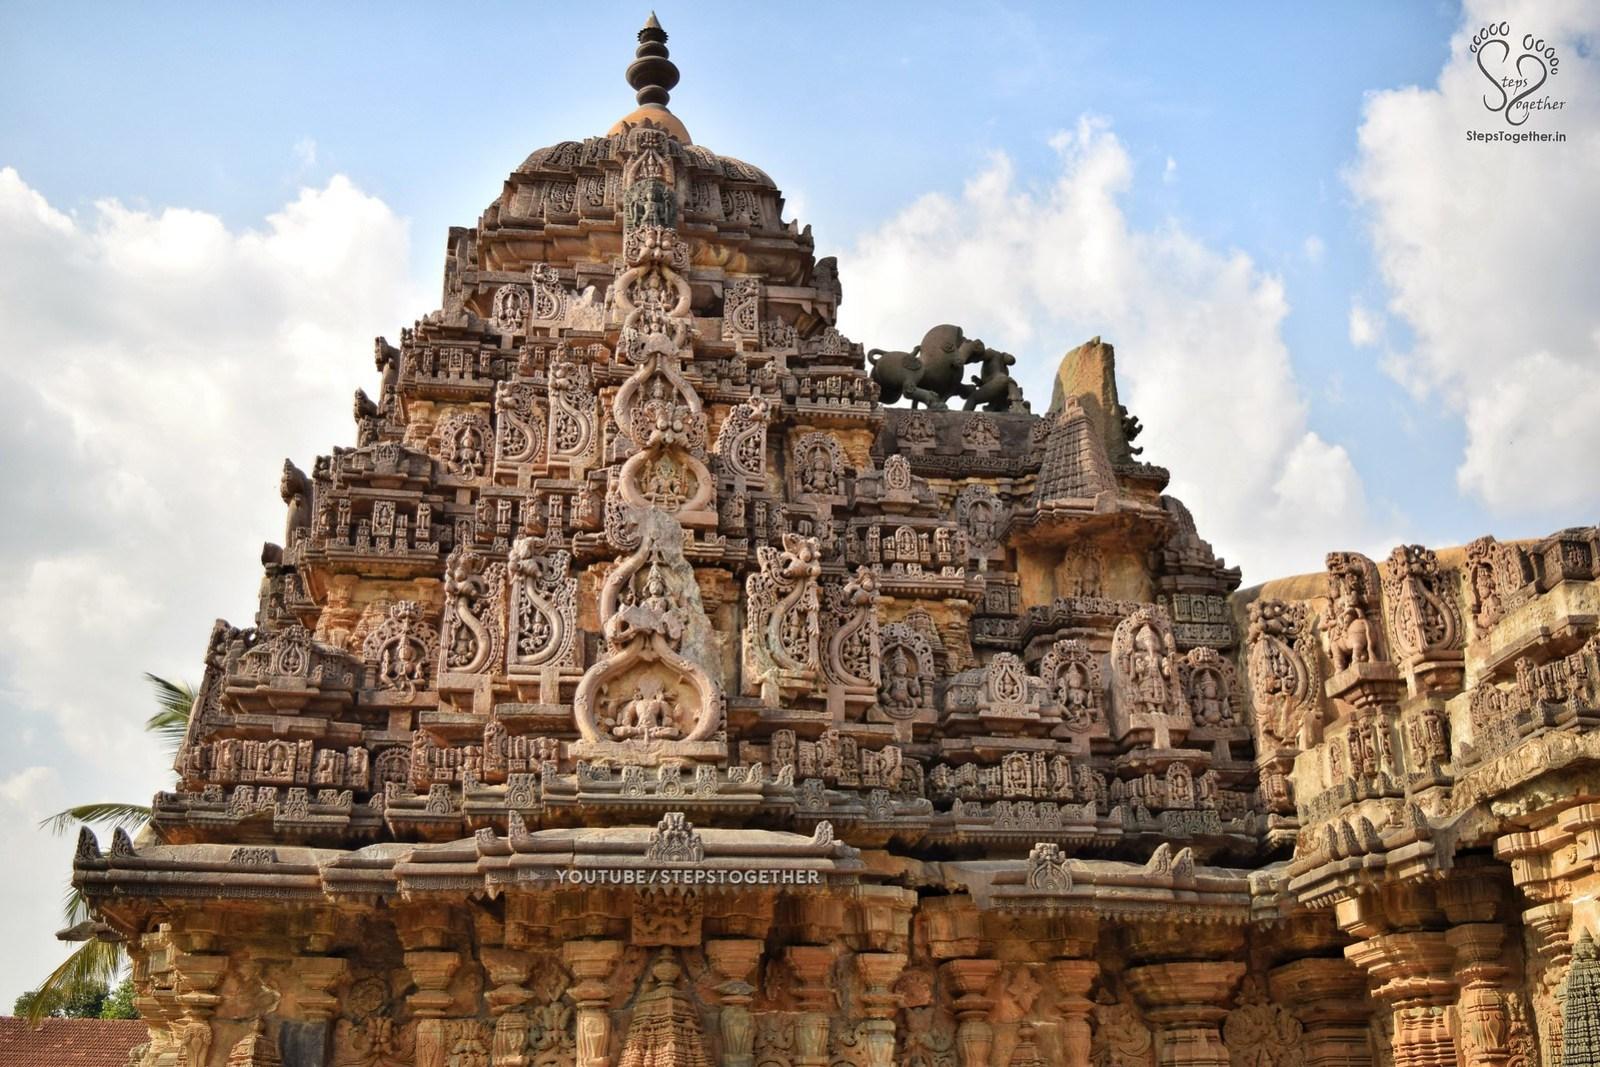 Amrutheshwara Temple